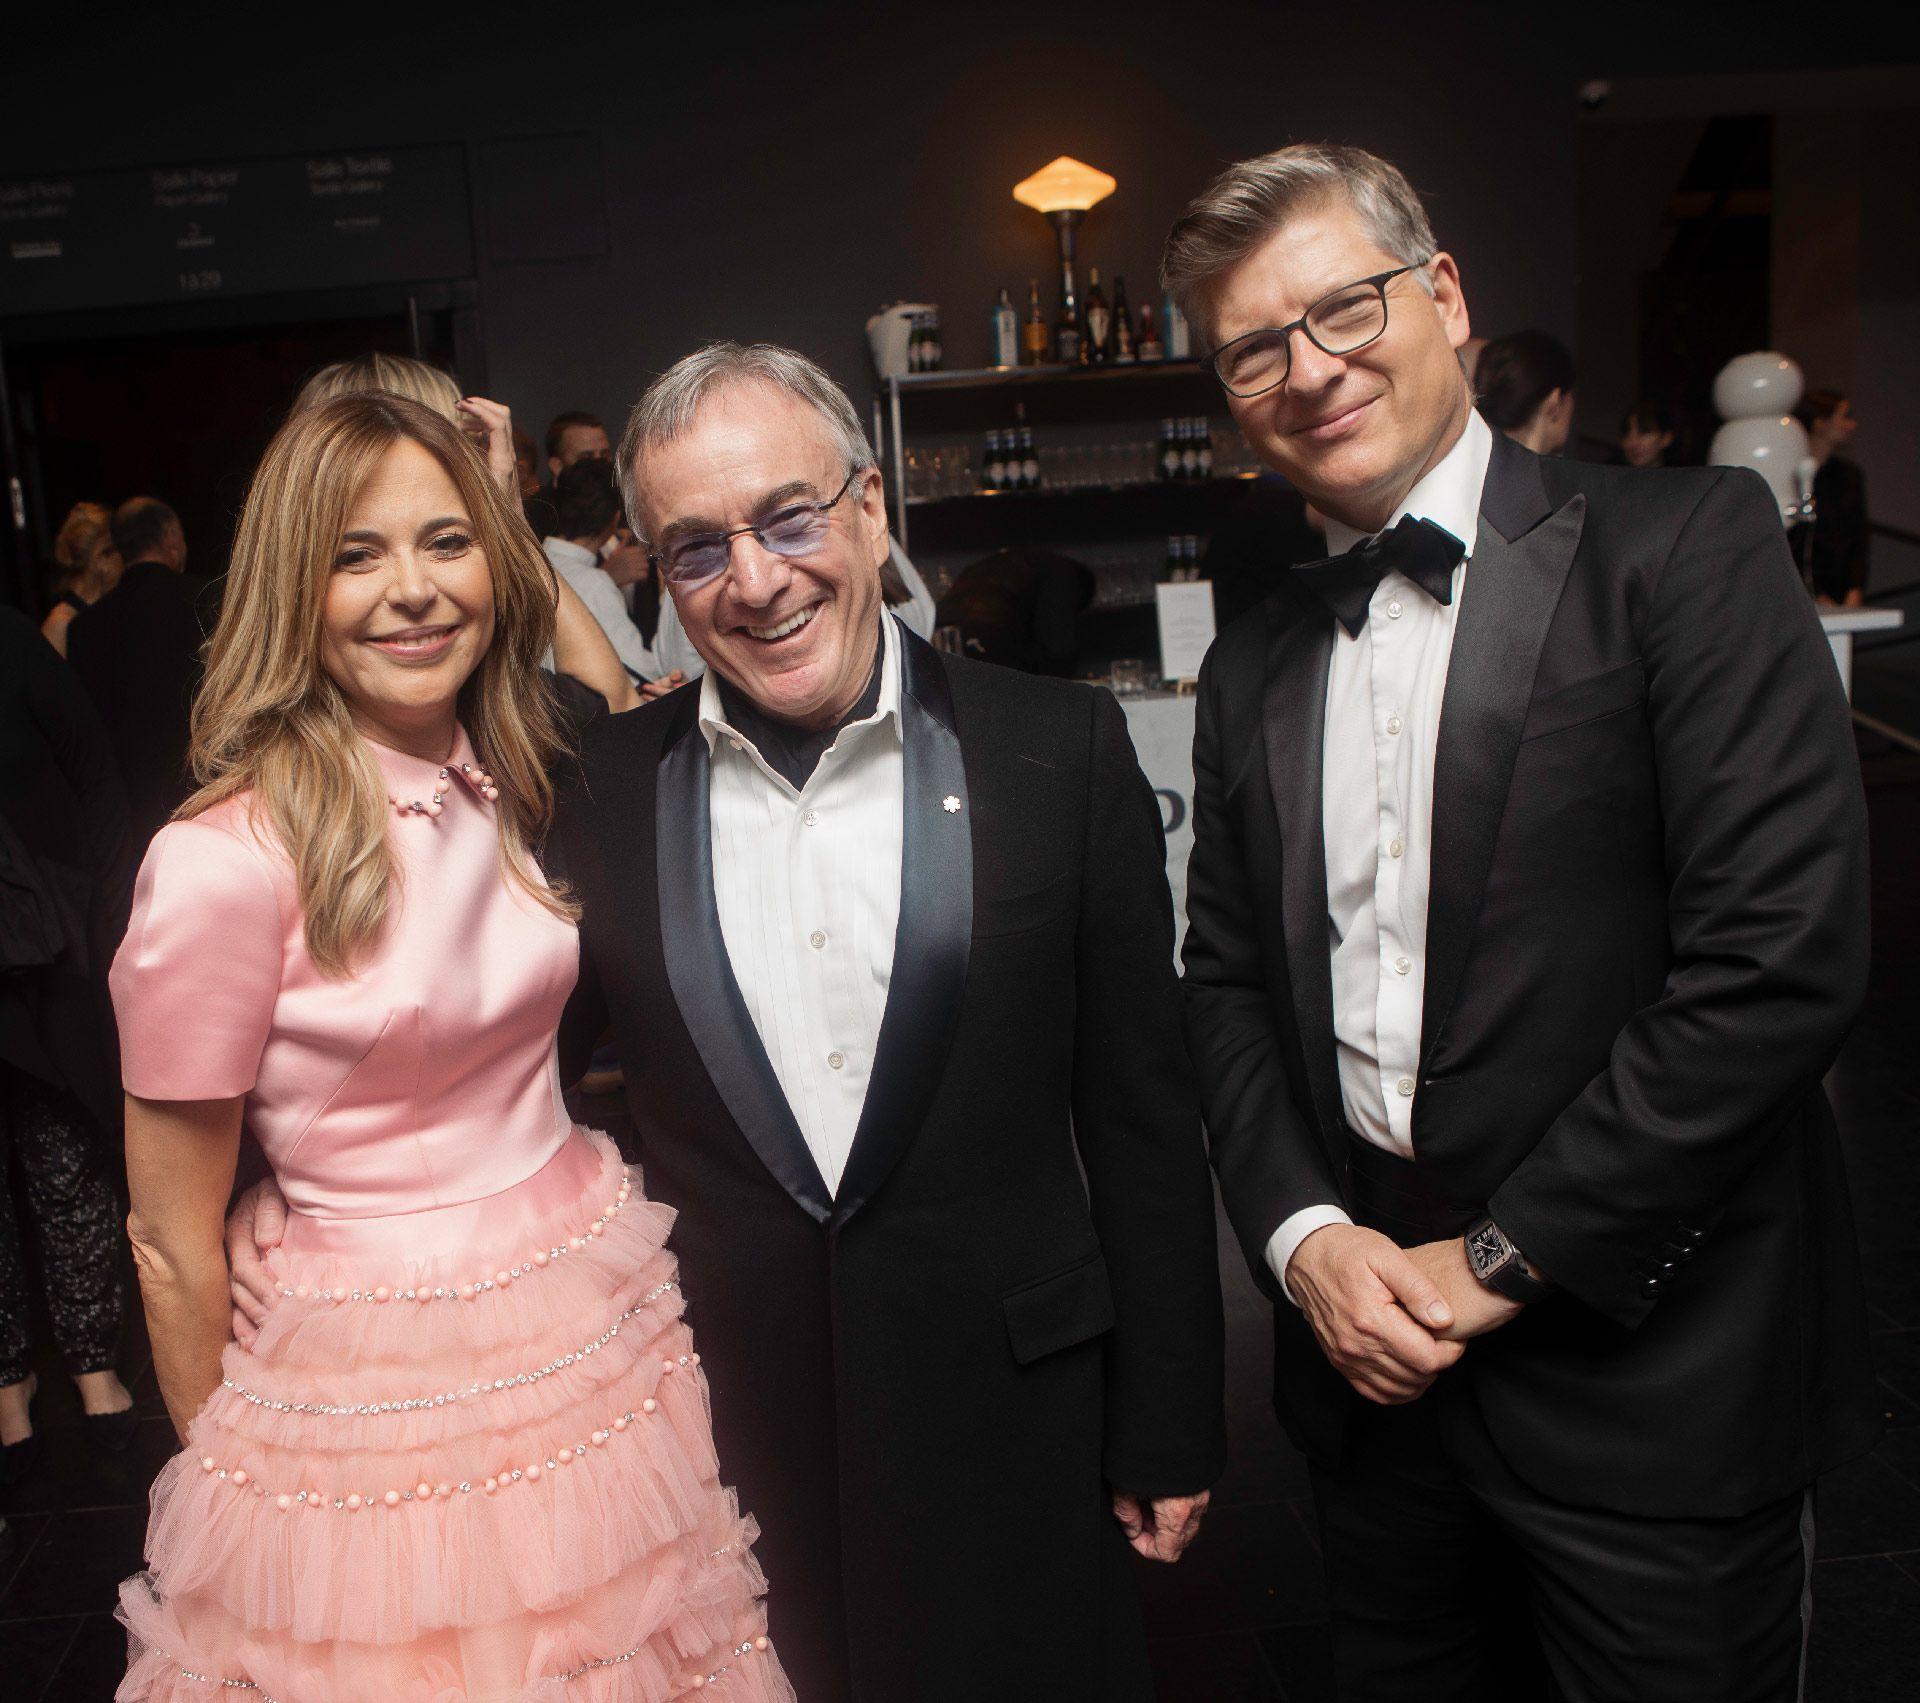 Julie Snyder, Daniel Lamarre et André Dufour. Photo © Sébastien Roy